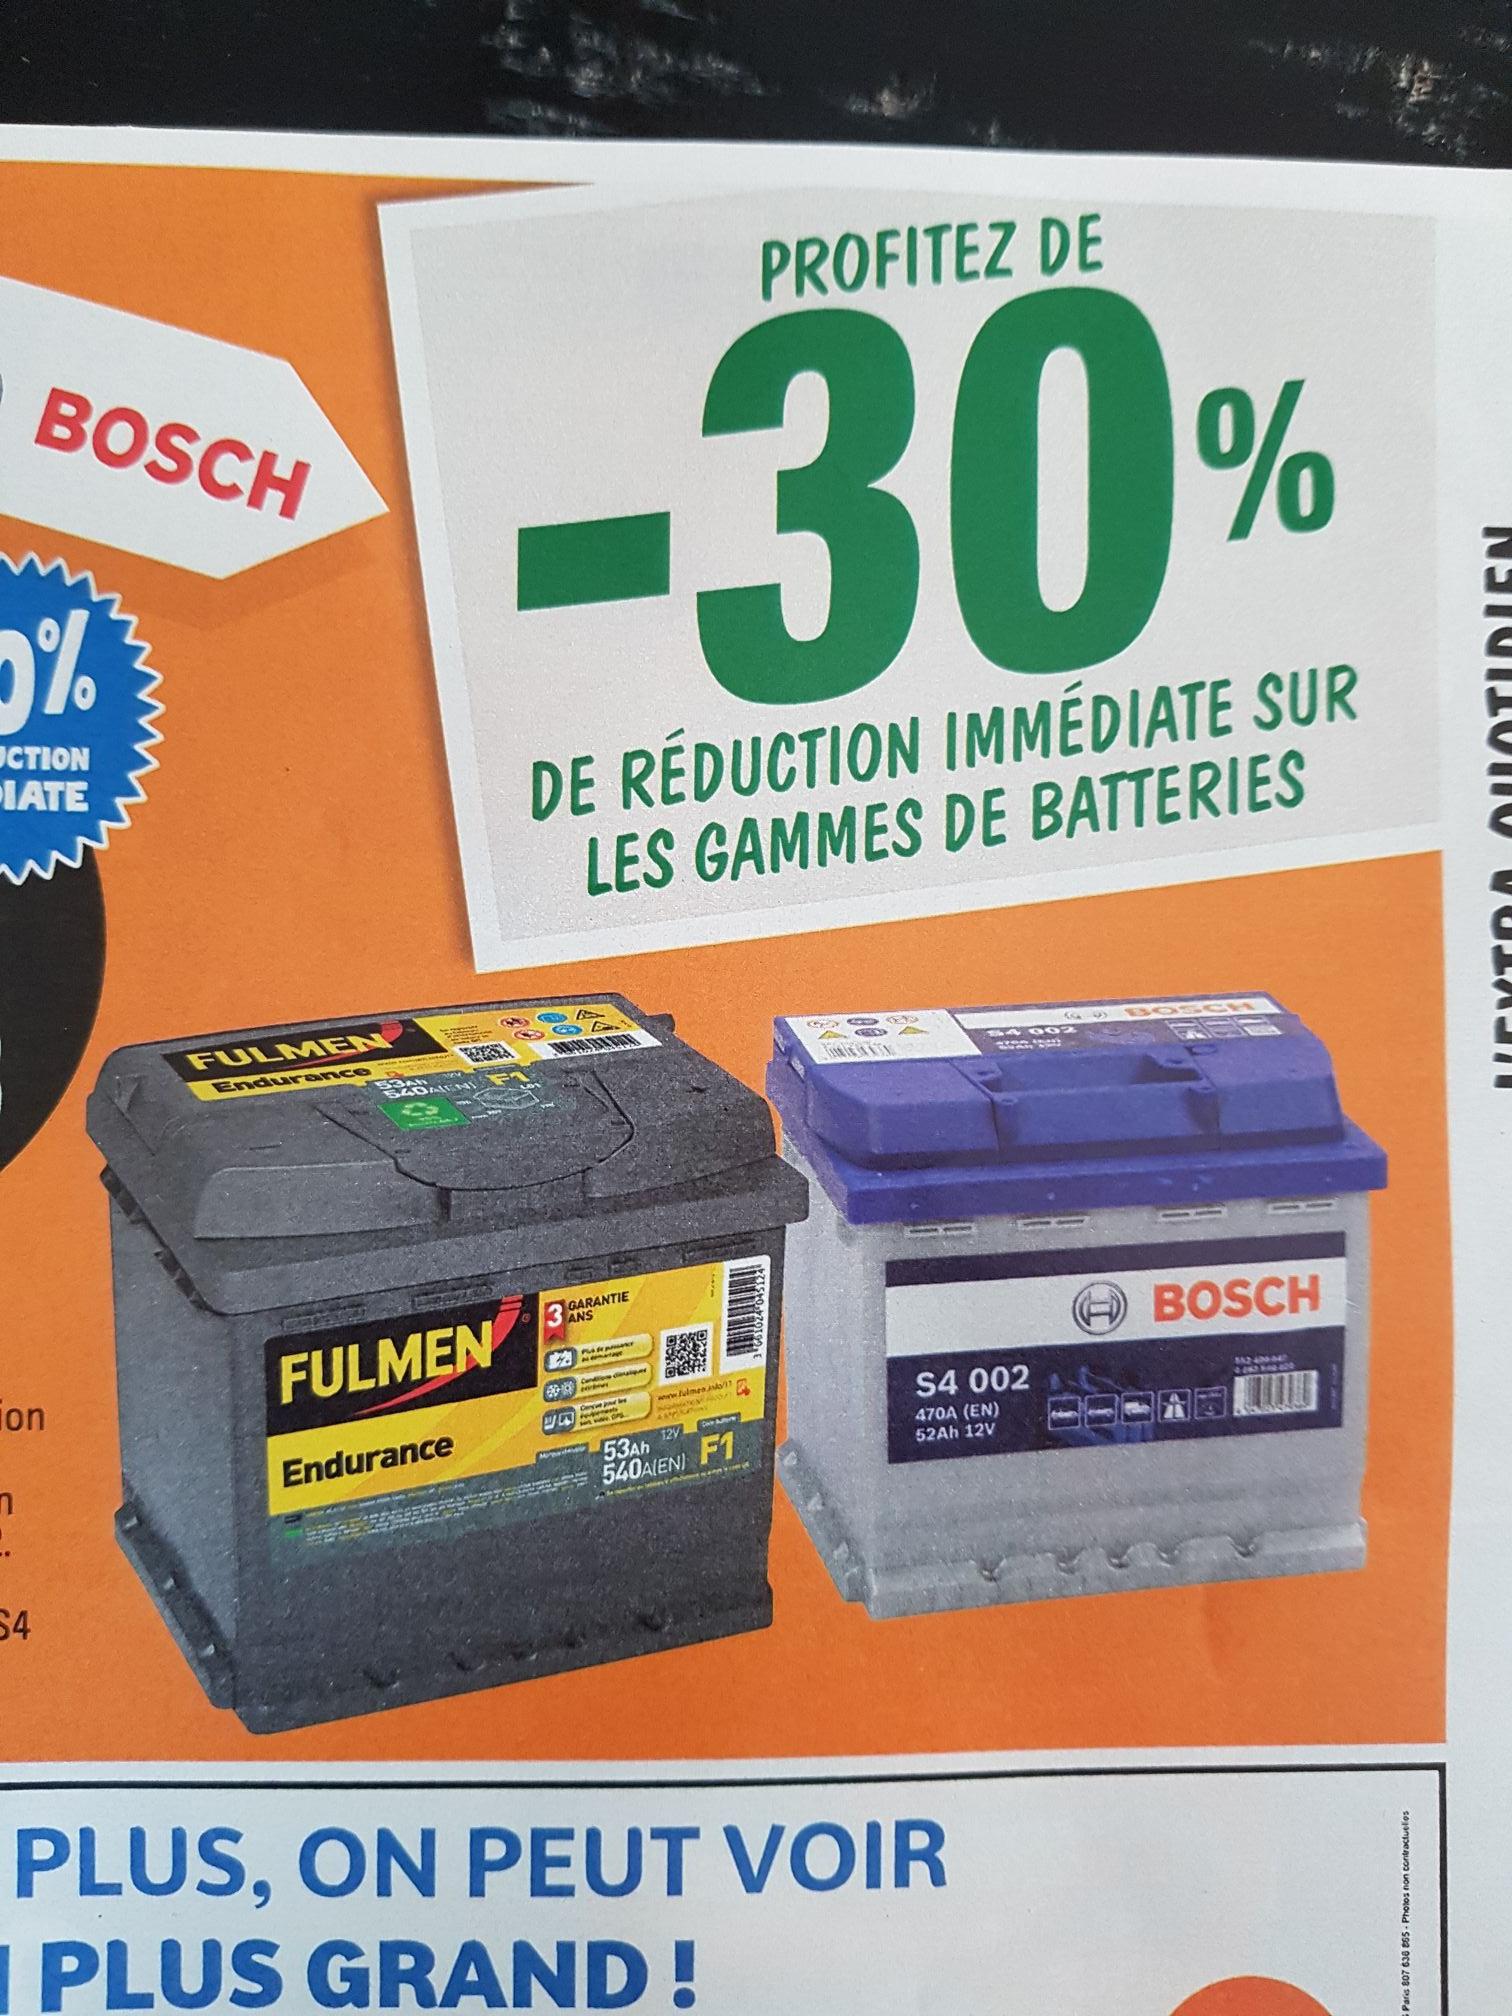 30 de r duction sur les batteries auto des gammes bosch s4 ou fulmen endurance. Black Bedroom Furniture Sets. Home Design Ideas